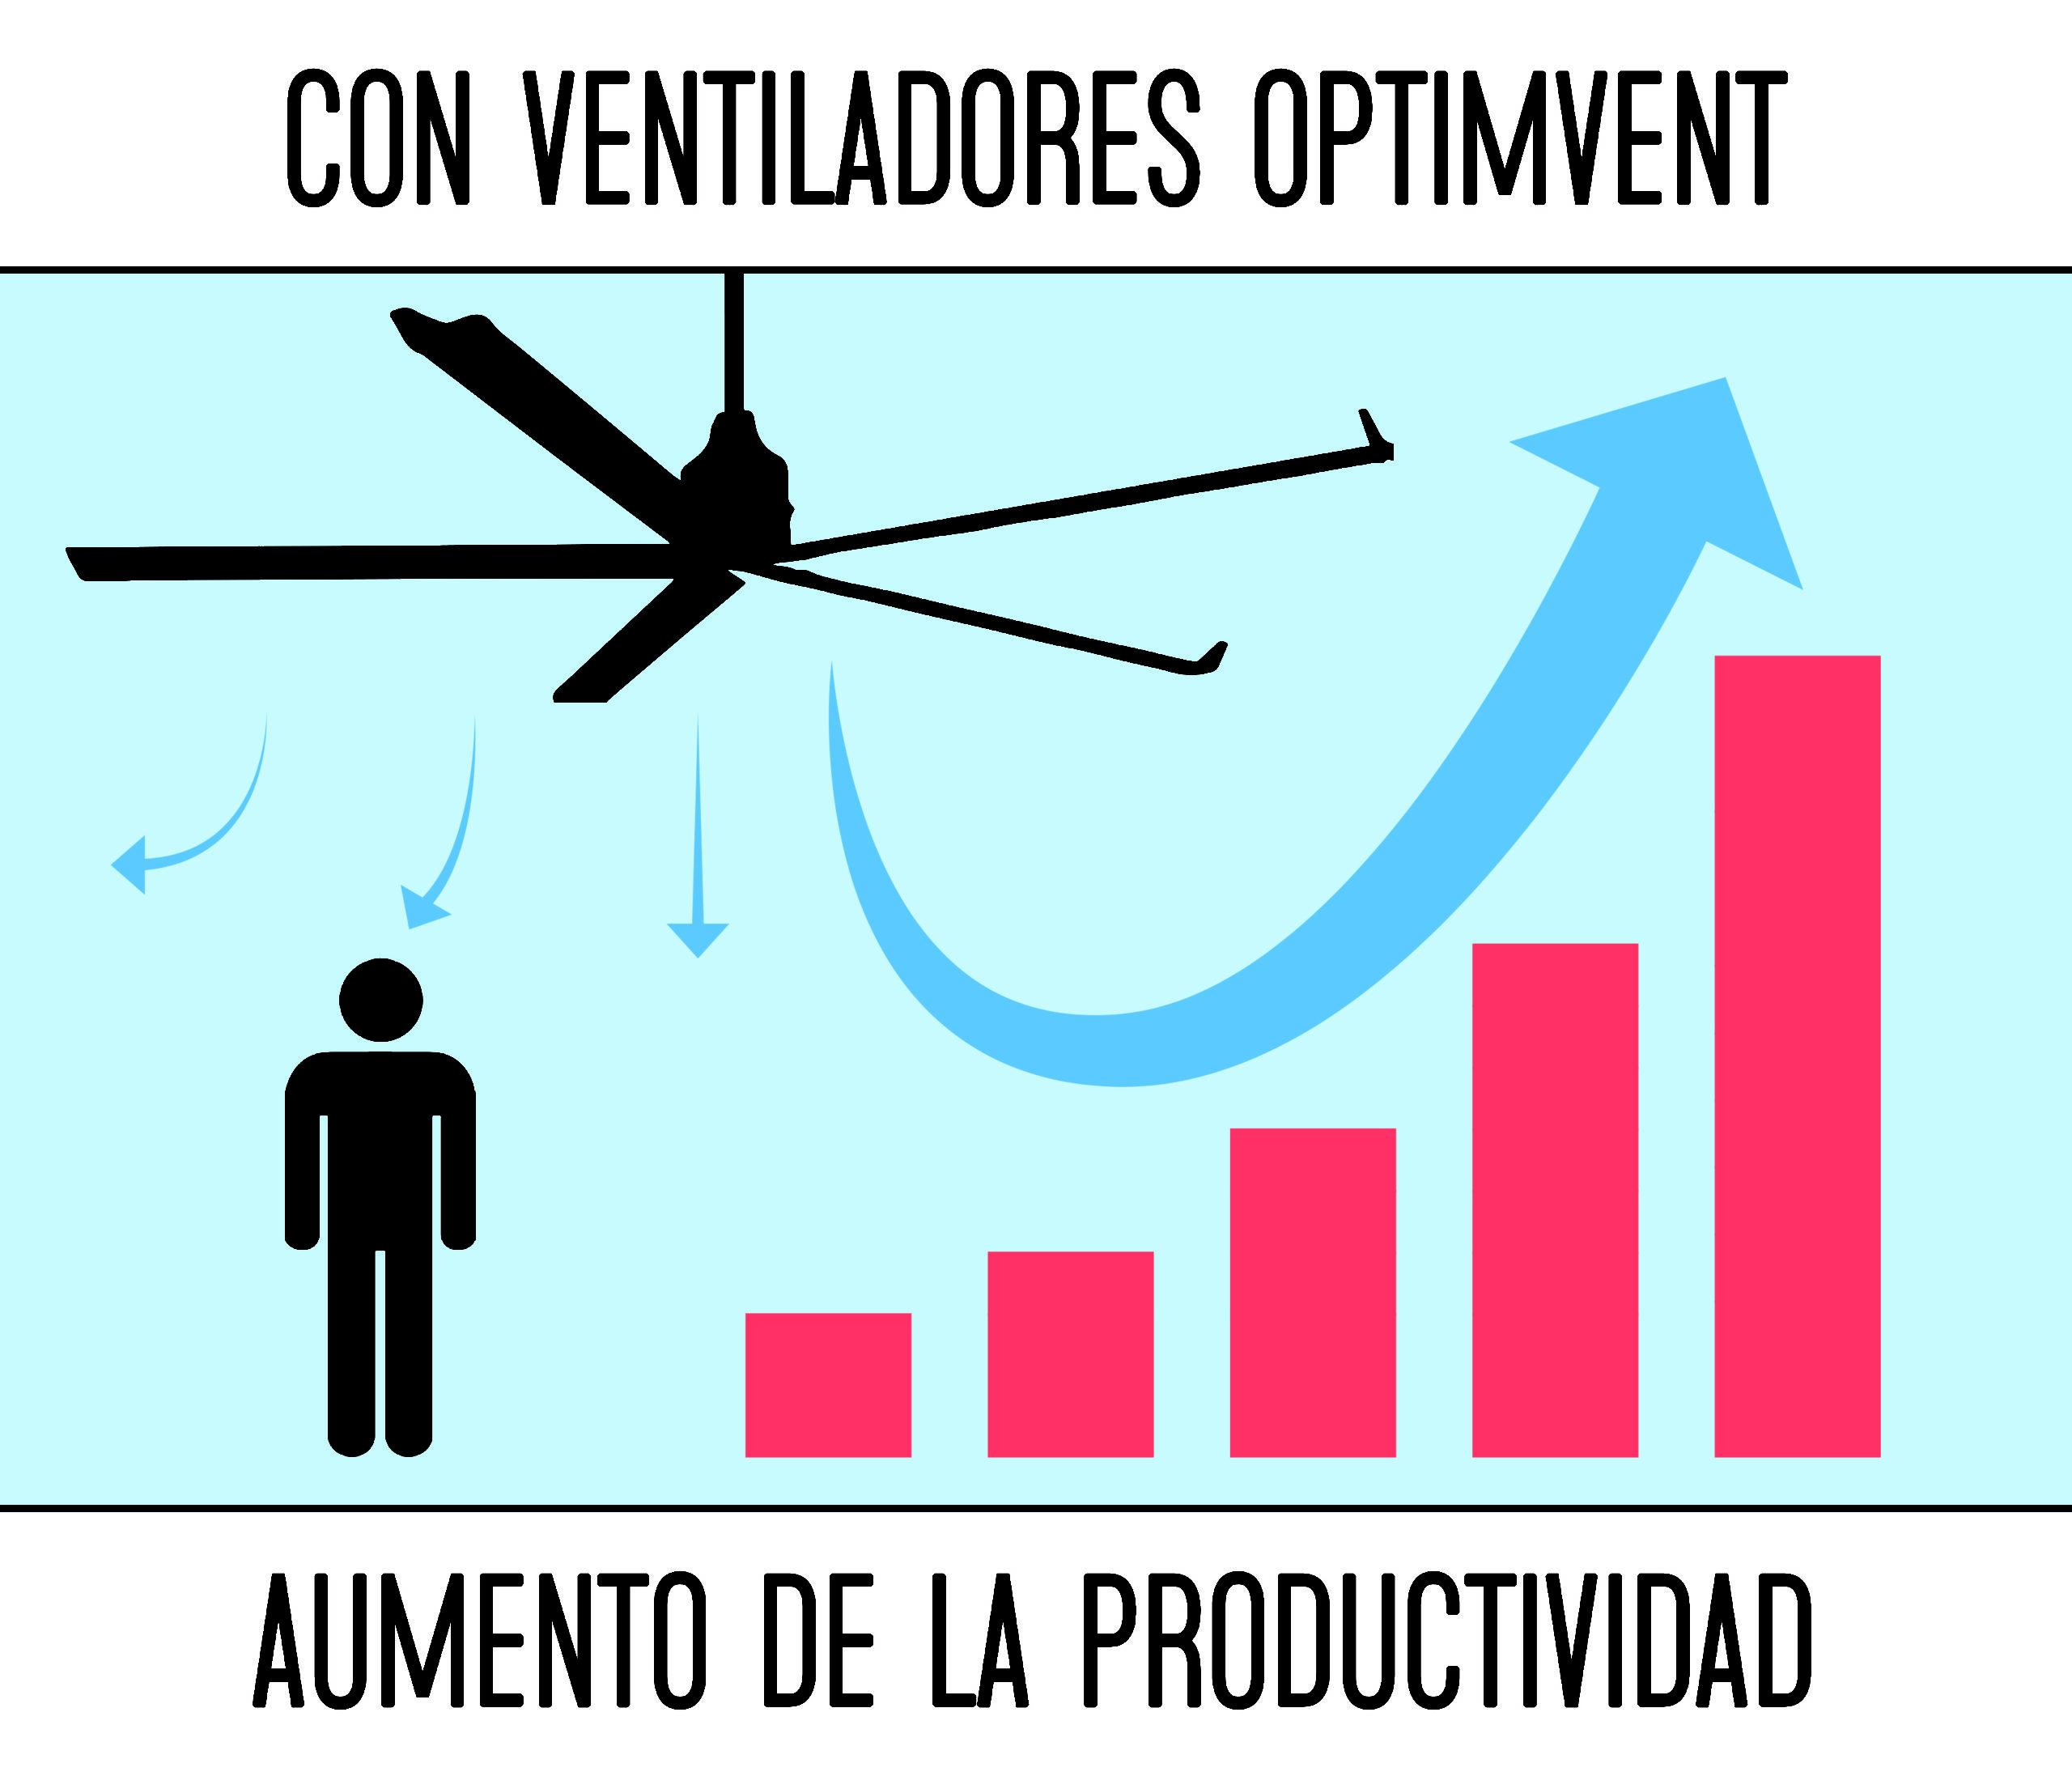 Optimvent® - Los mejores Ventiladores Industriales HVLS de techo - Ventiladores HVLS Optimvent - infografía 8 scaled - Optimvent® - Los mejores Ventiladores Industriales HVLS de techo